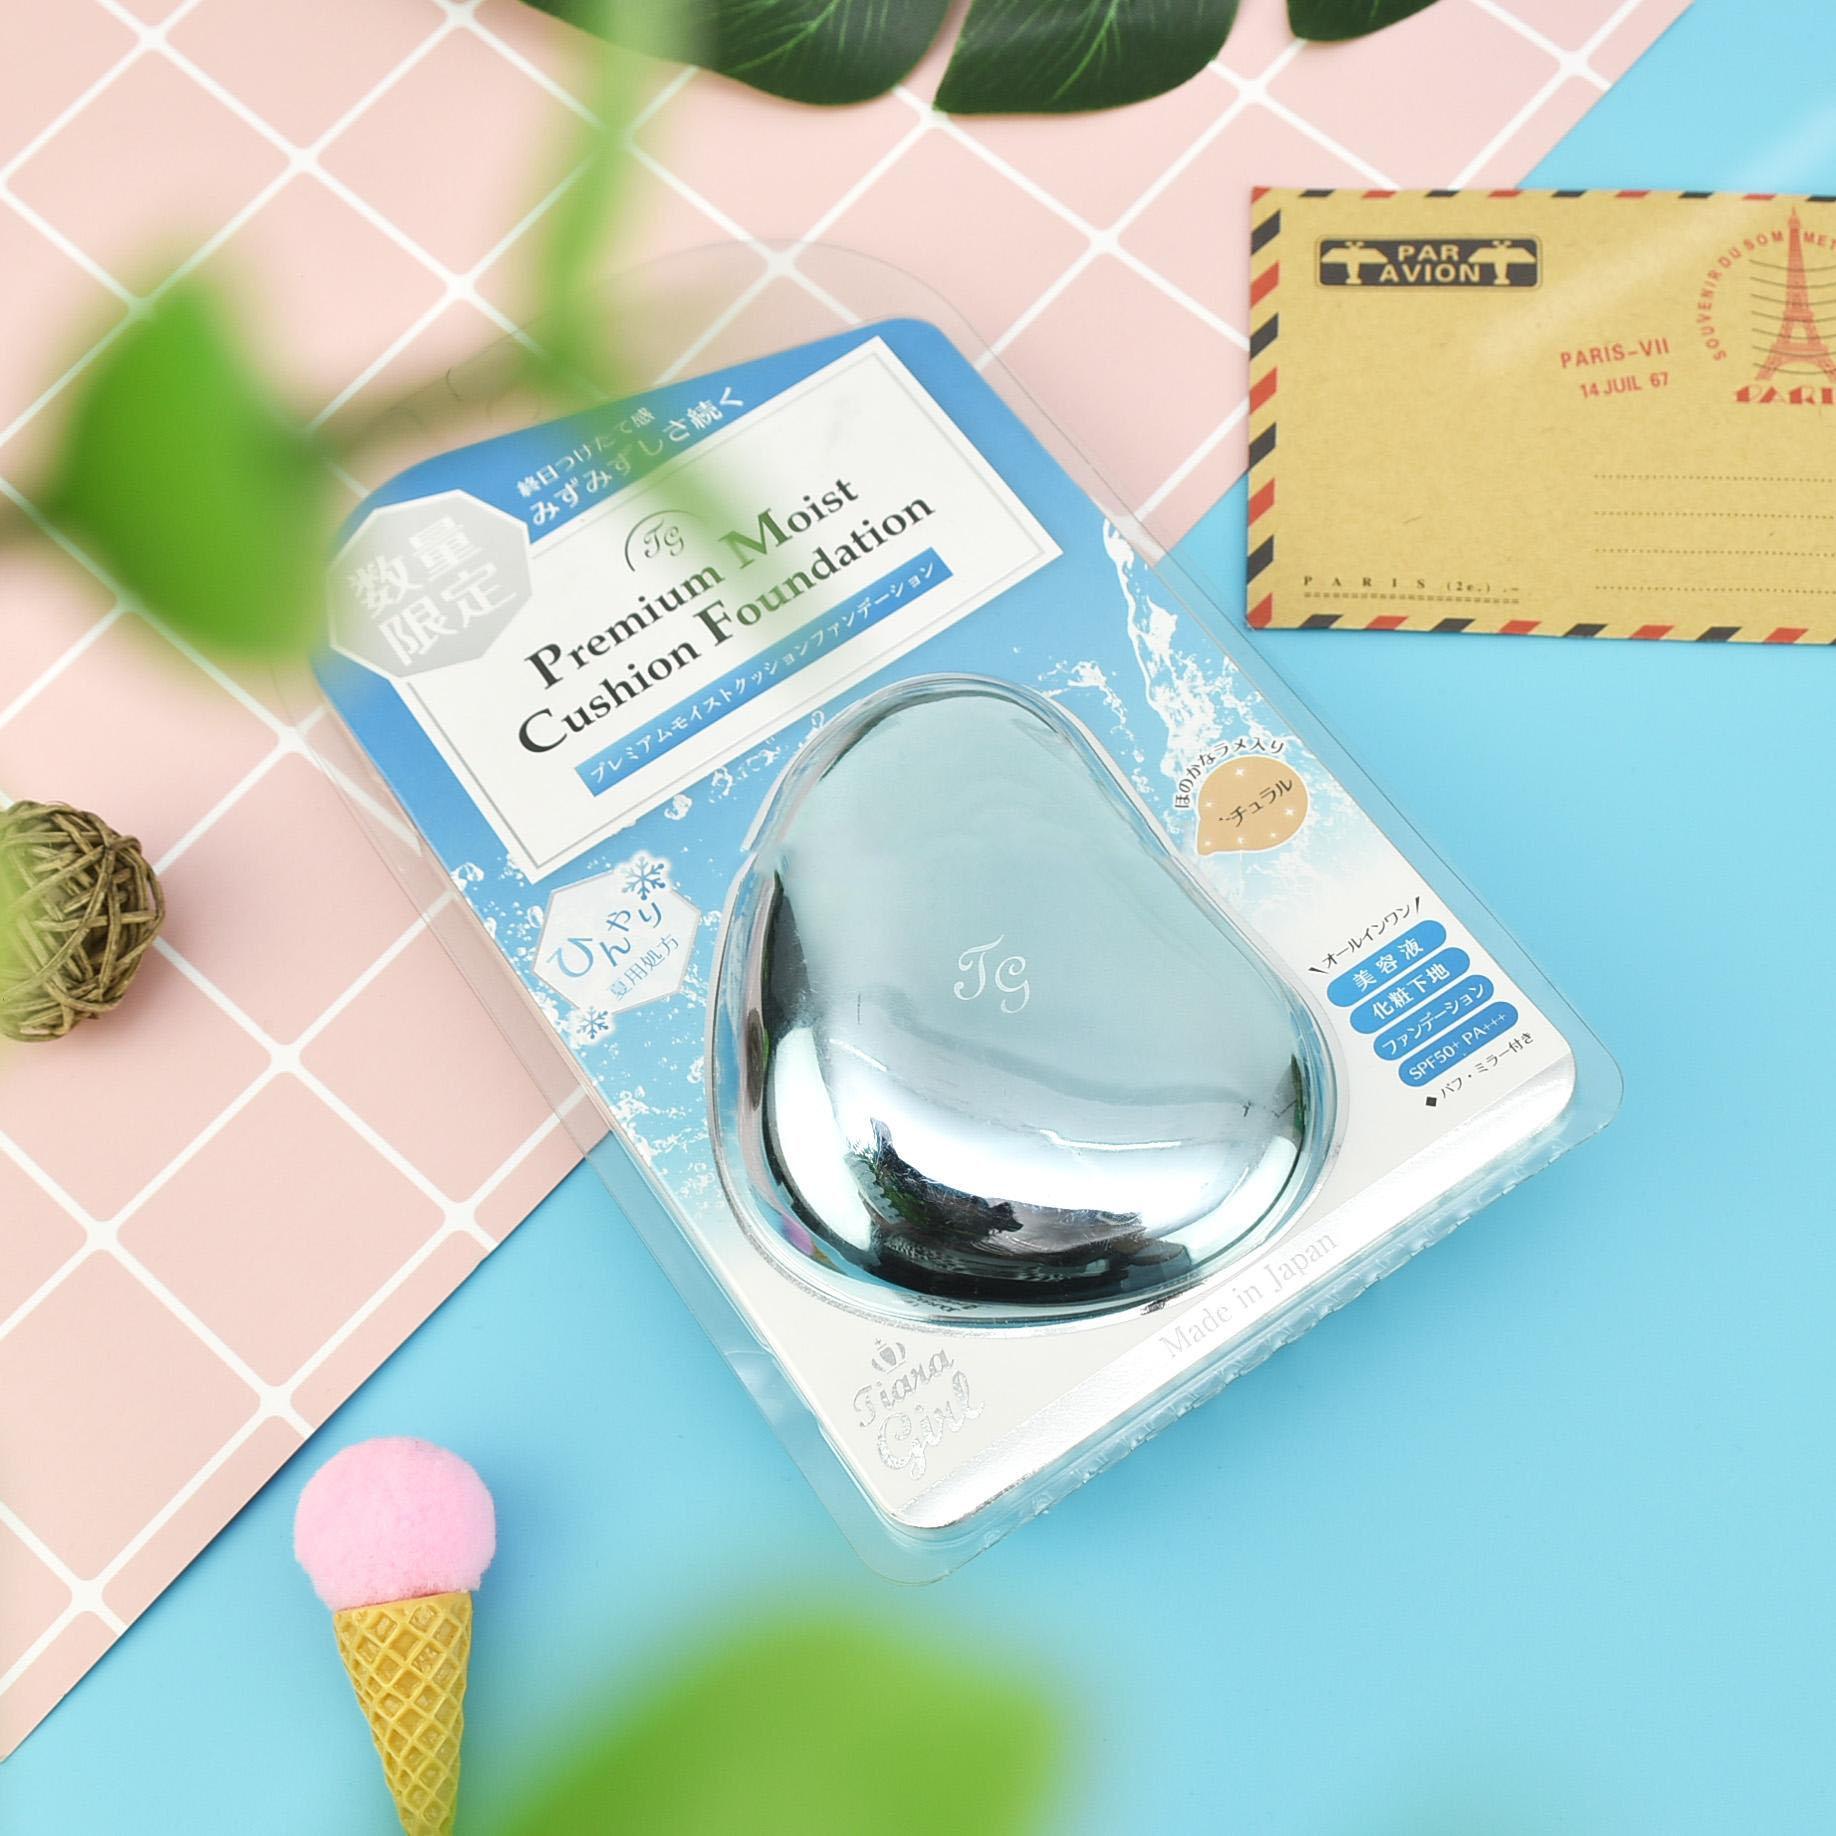 Độ che phủ hoàn hảo, tạo lớp nền mỏng mịn đẹp, tự nhiên. Có chỉ số SPF cao, có thể thay thế kem chống nắng.